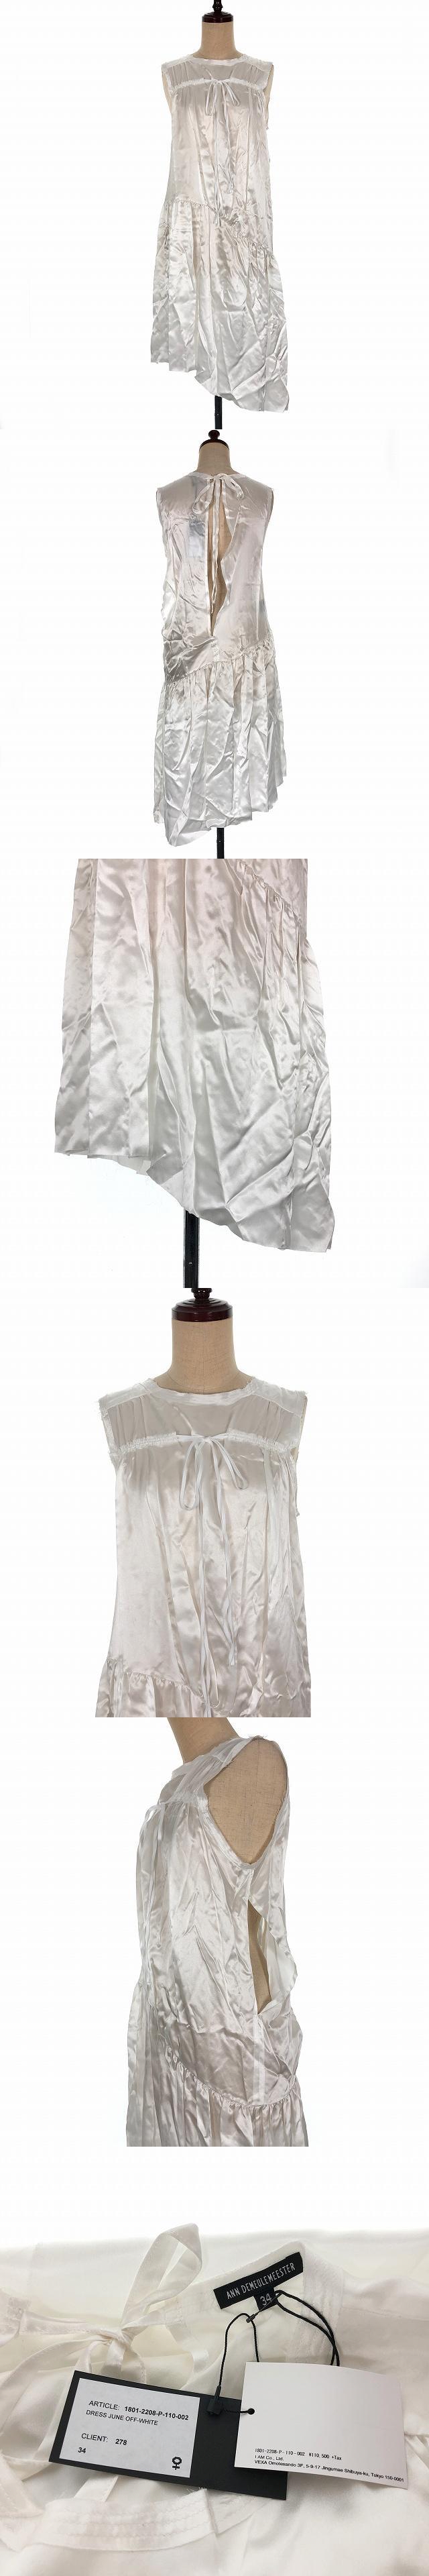 18SS サテン ワンピース ドレス ノースリーブ リボン アシンメトリー ミディ丈 スリット 34 ホワイト 白 1801-2208-P-110-002